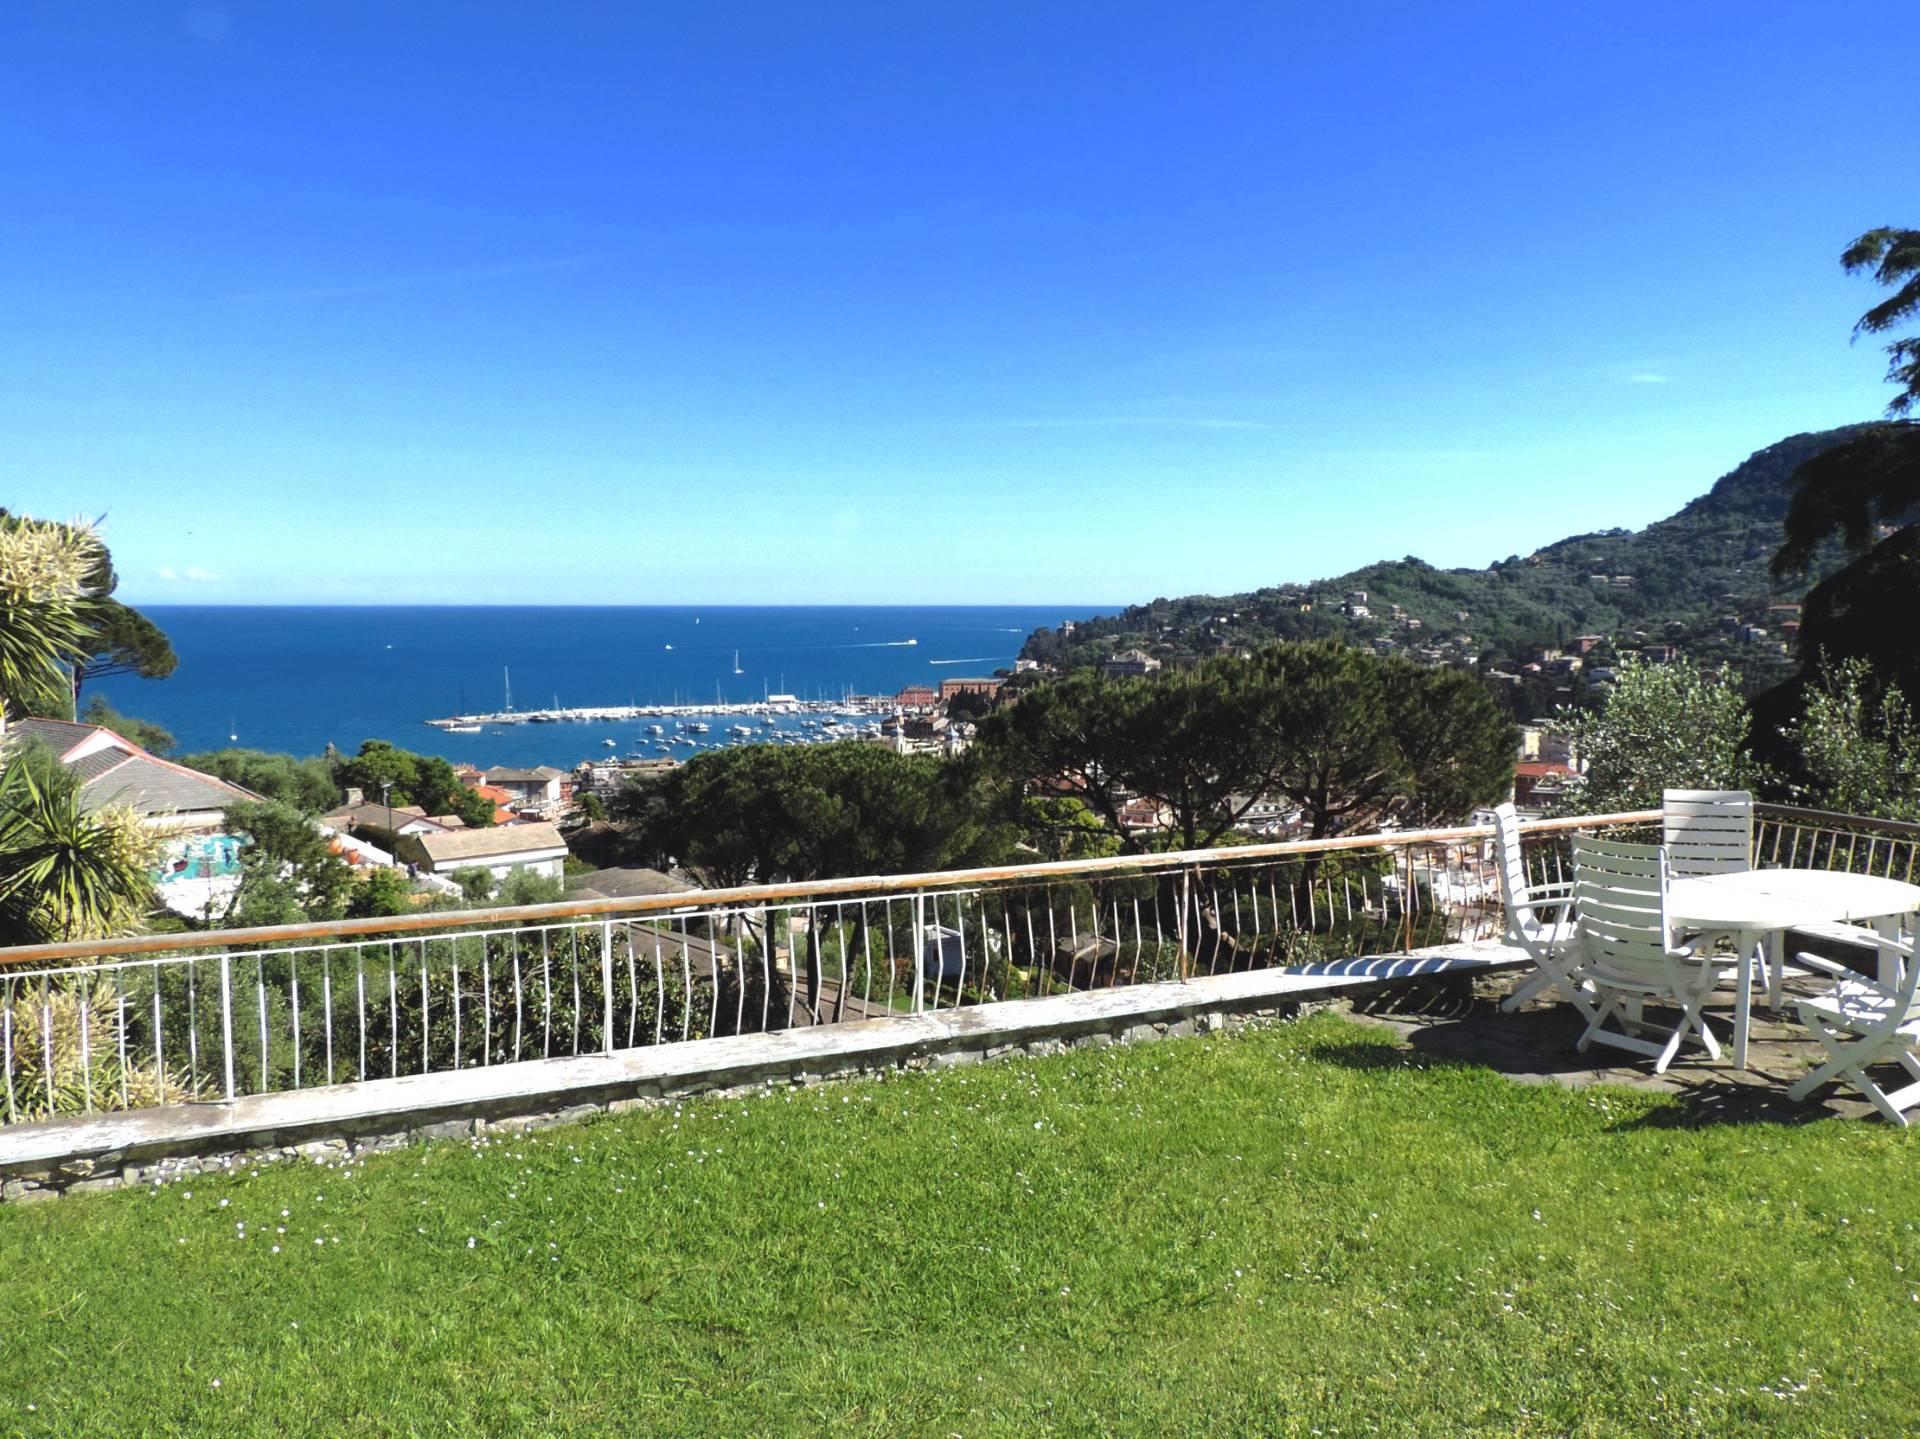 Villa in vendita a Santa Margherita Ligure, 7 locali, prezzo € 2.900.000 | CambioCasa.it